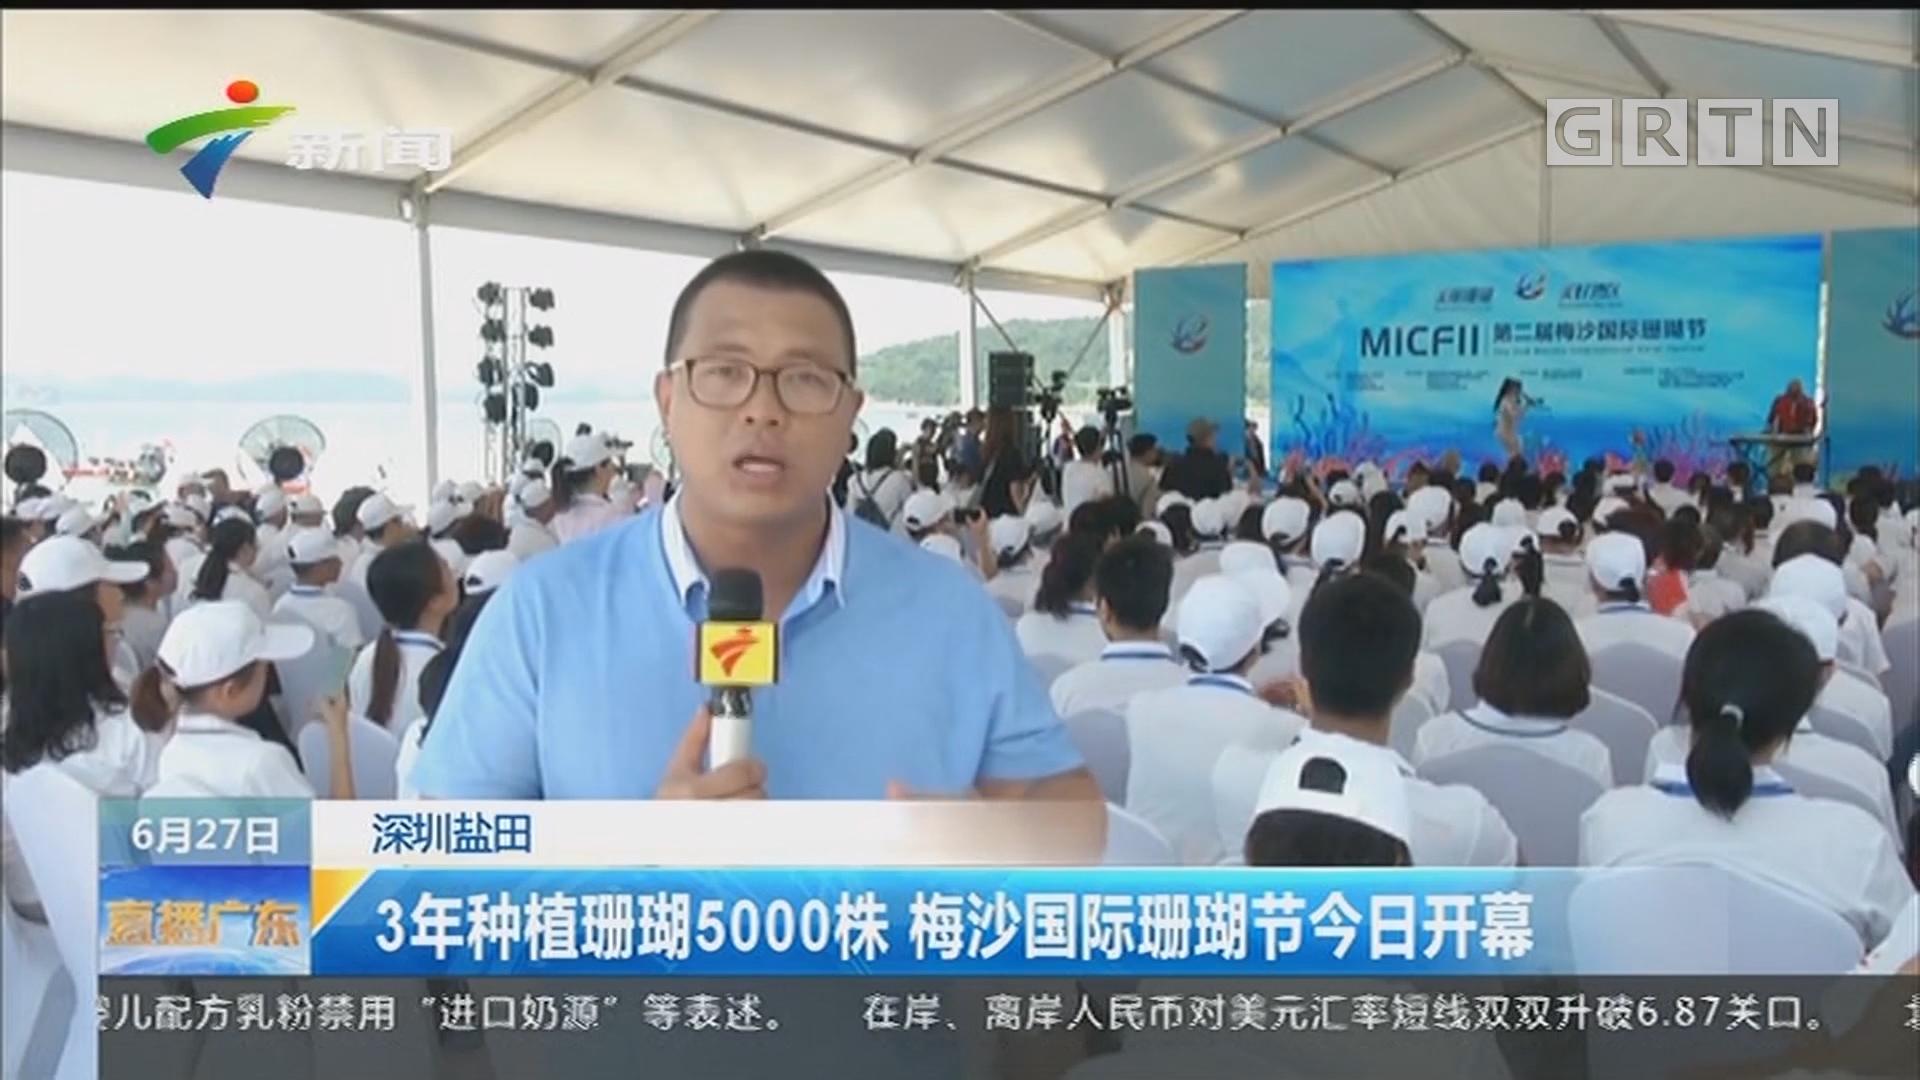 深圳盐田:3年种植珊瑚5000株 梅沙国际珊瑚节今日开幕